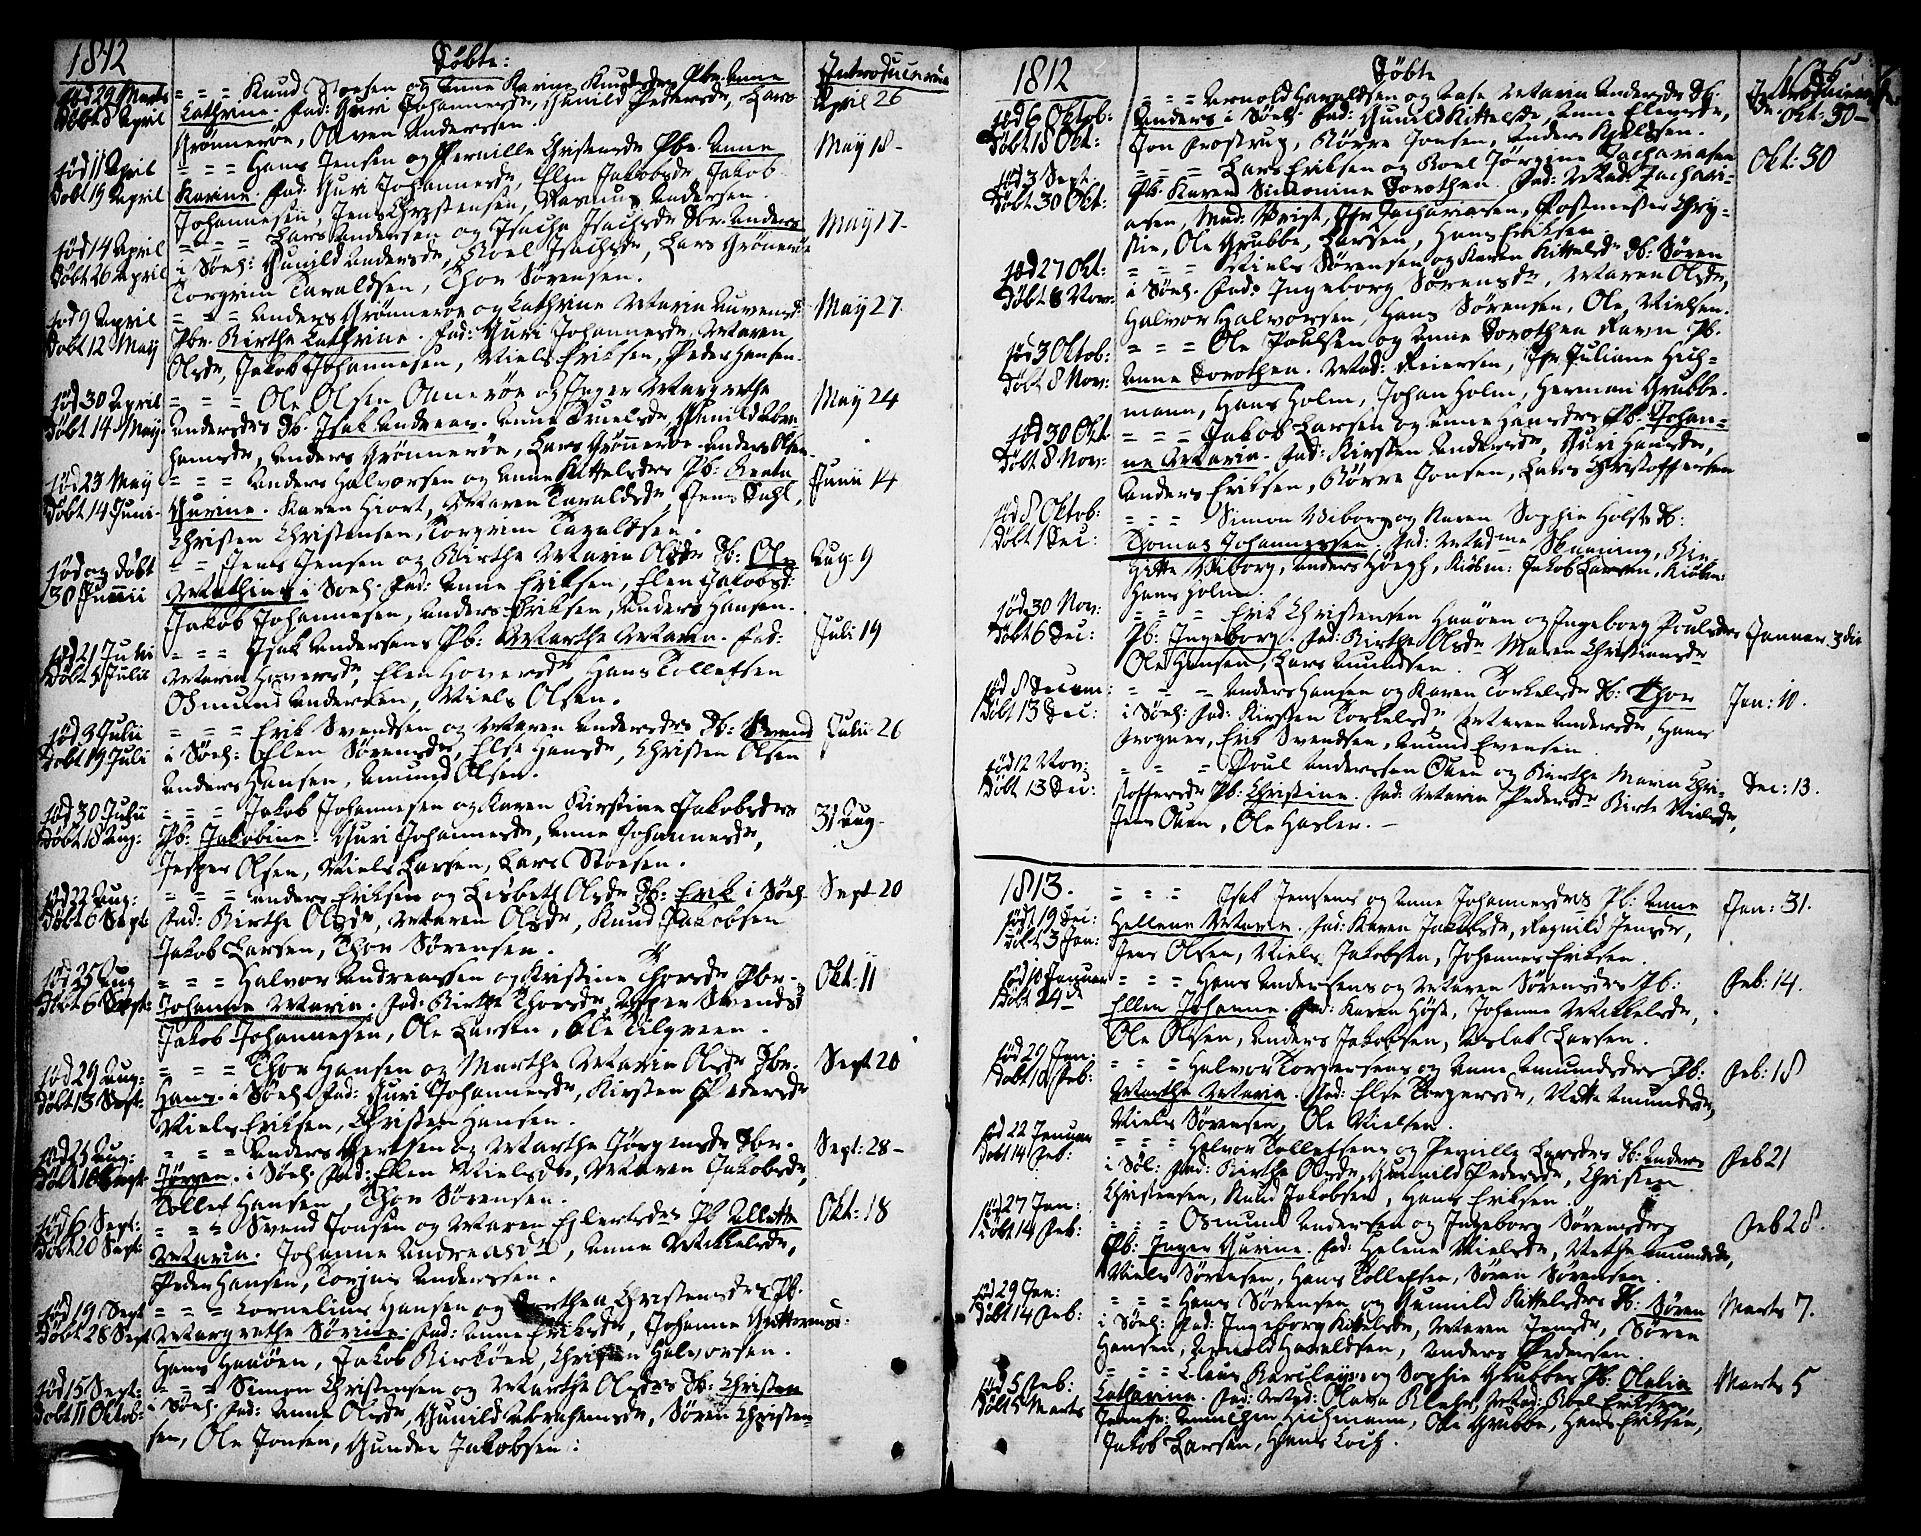 SAKO, Brevik kirkebøker, F/Fa/L0003: Ministerialbok nr. 3, 1764-1814, s. 105